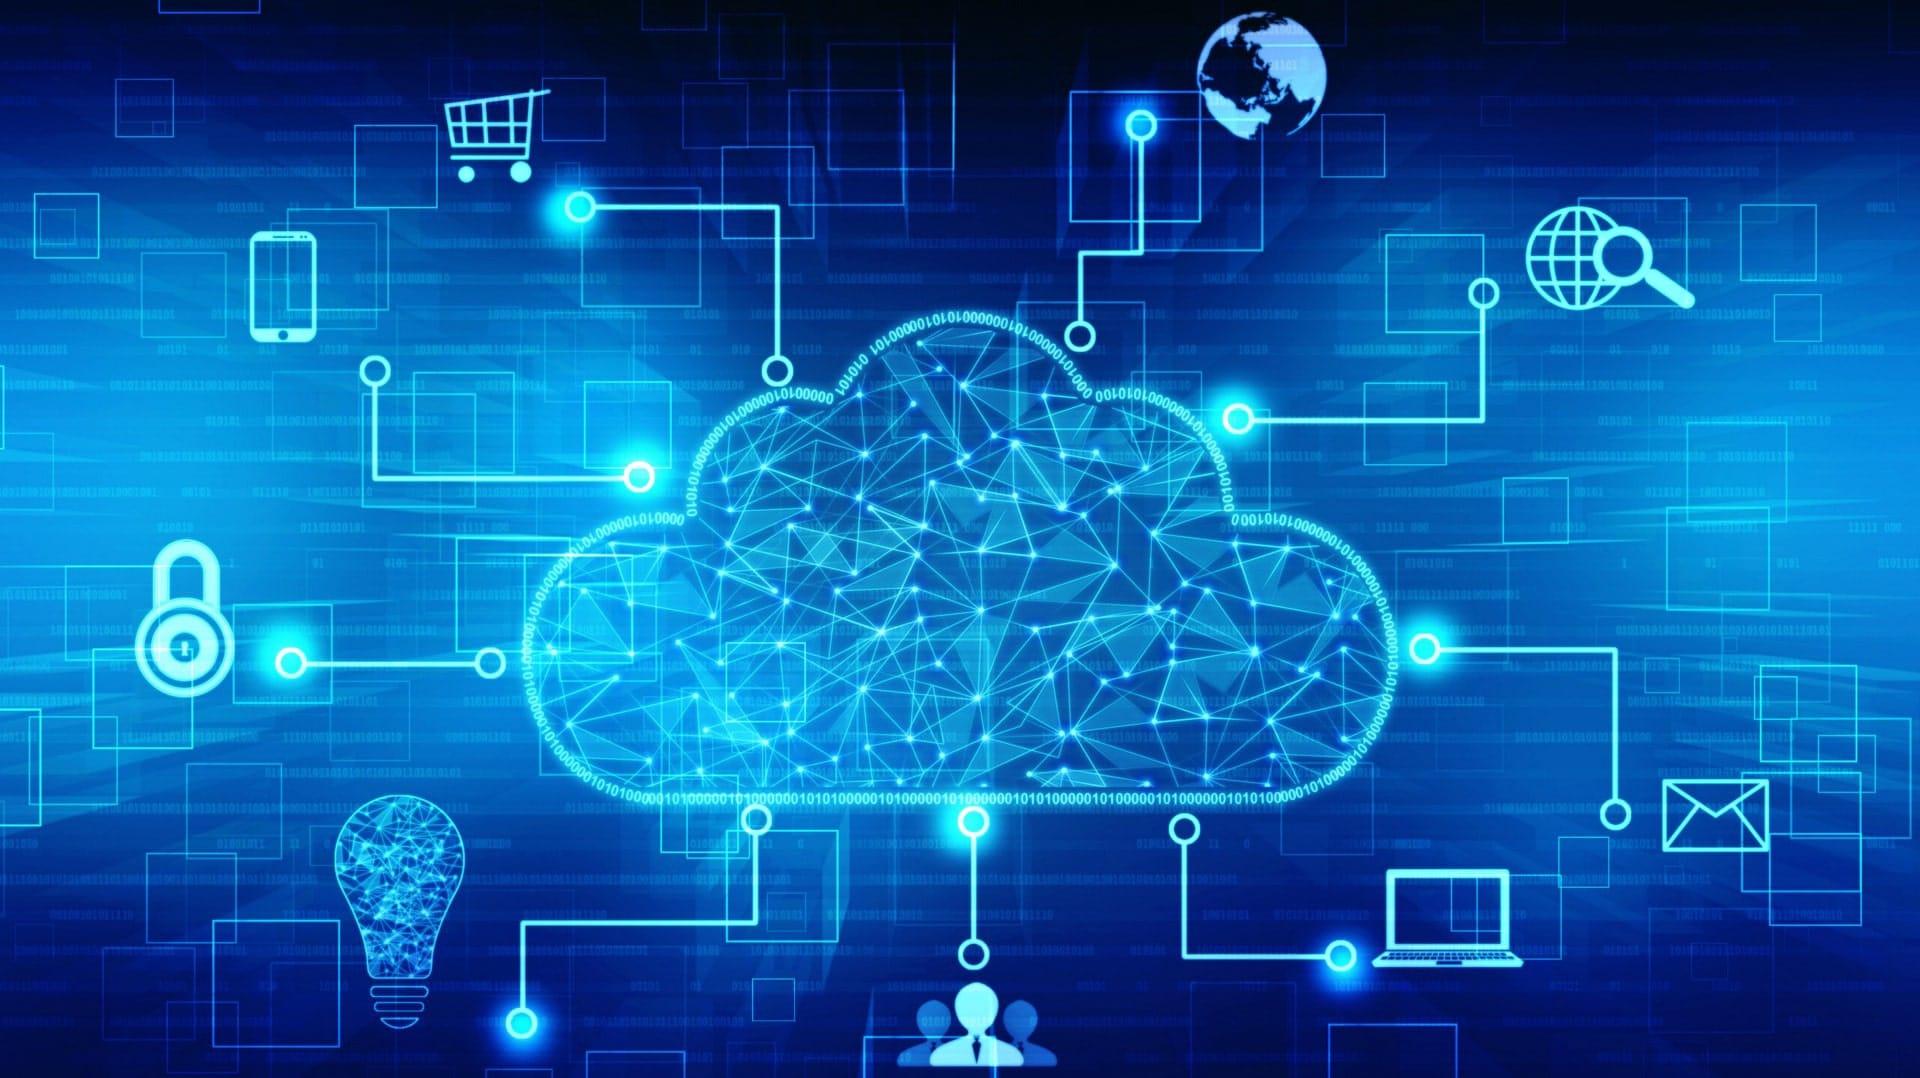 Les services liés au cloud computing sont de plus en plus nombreux